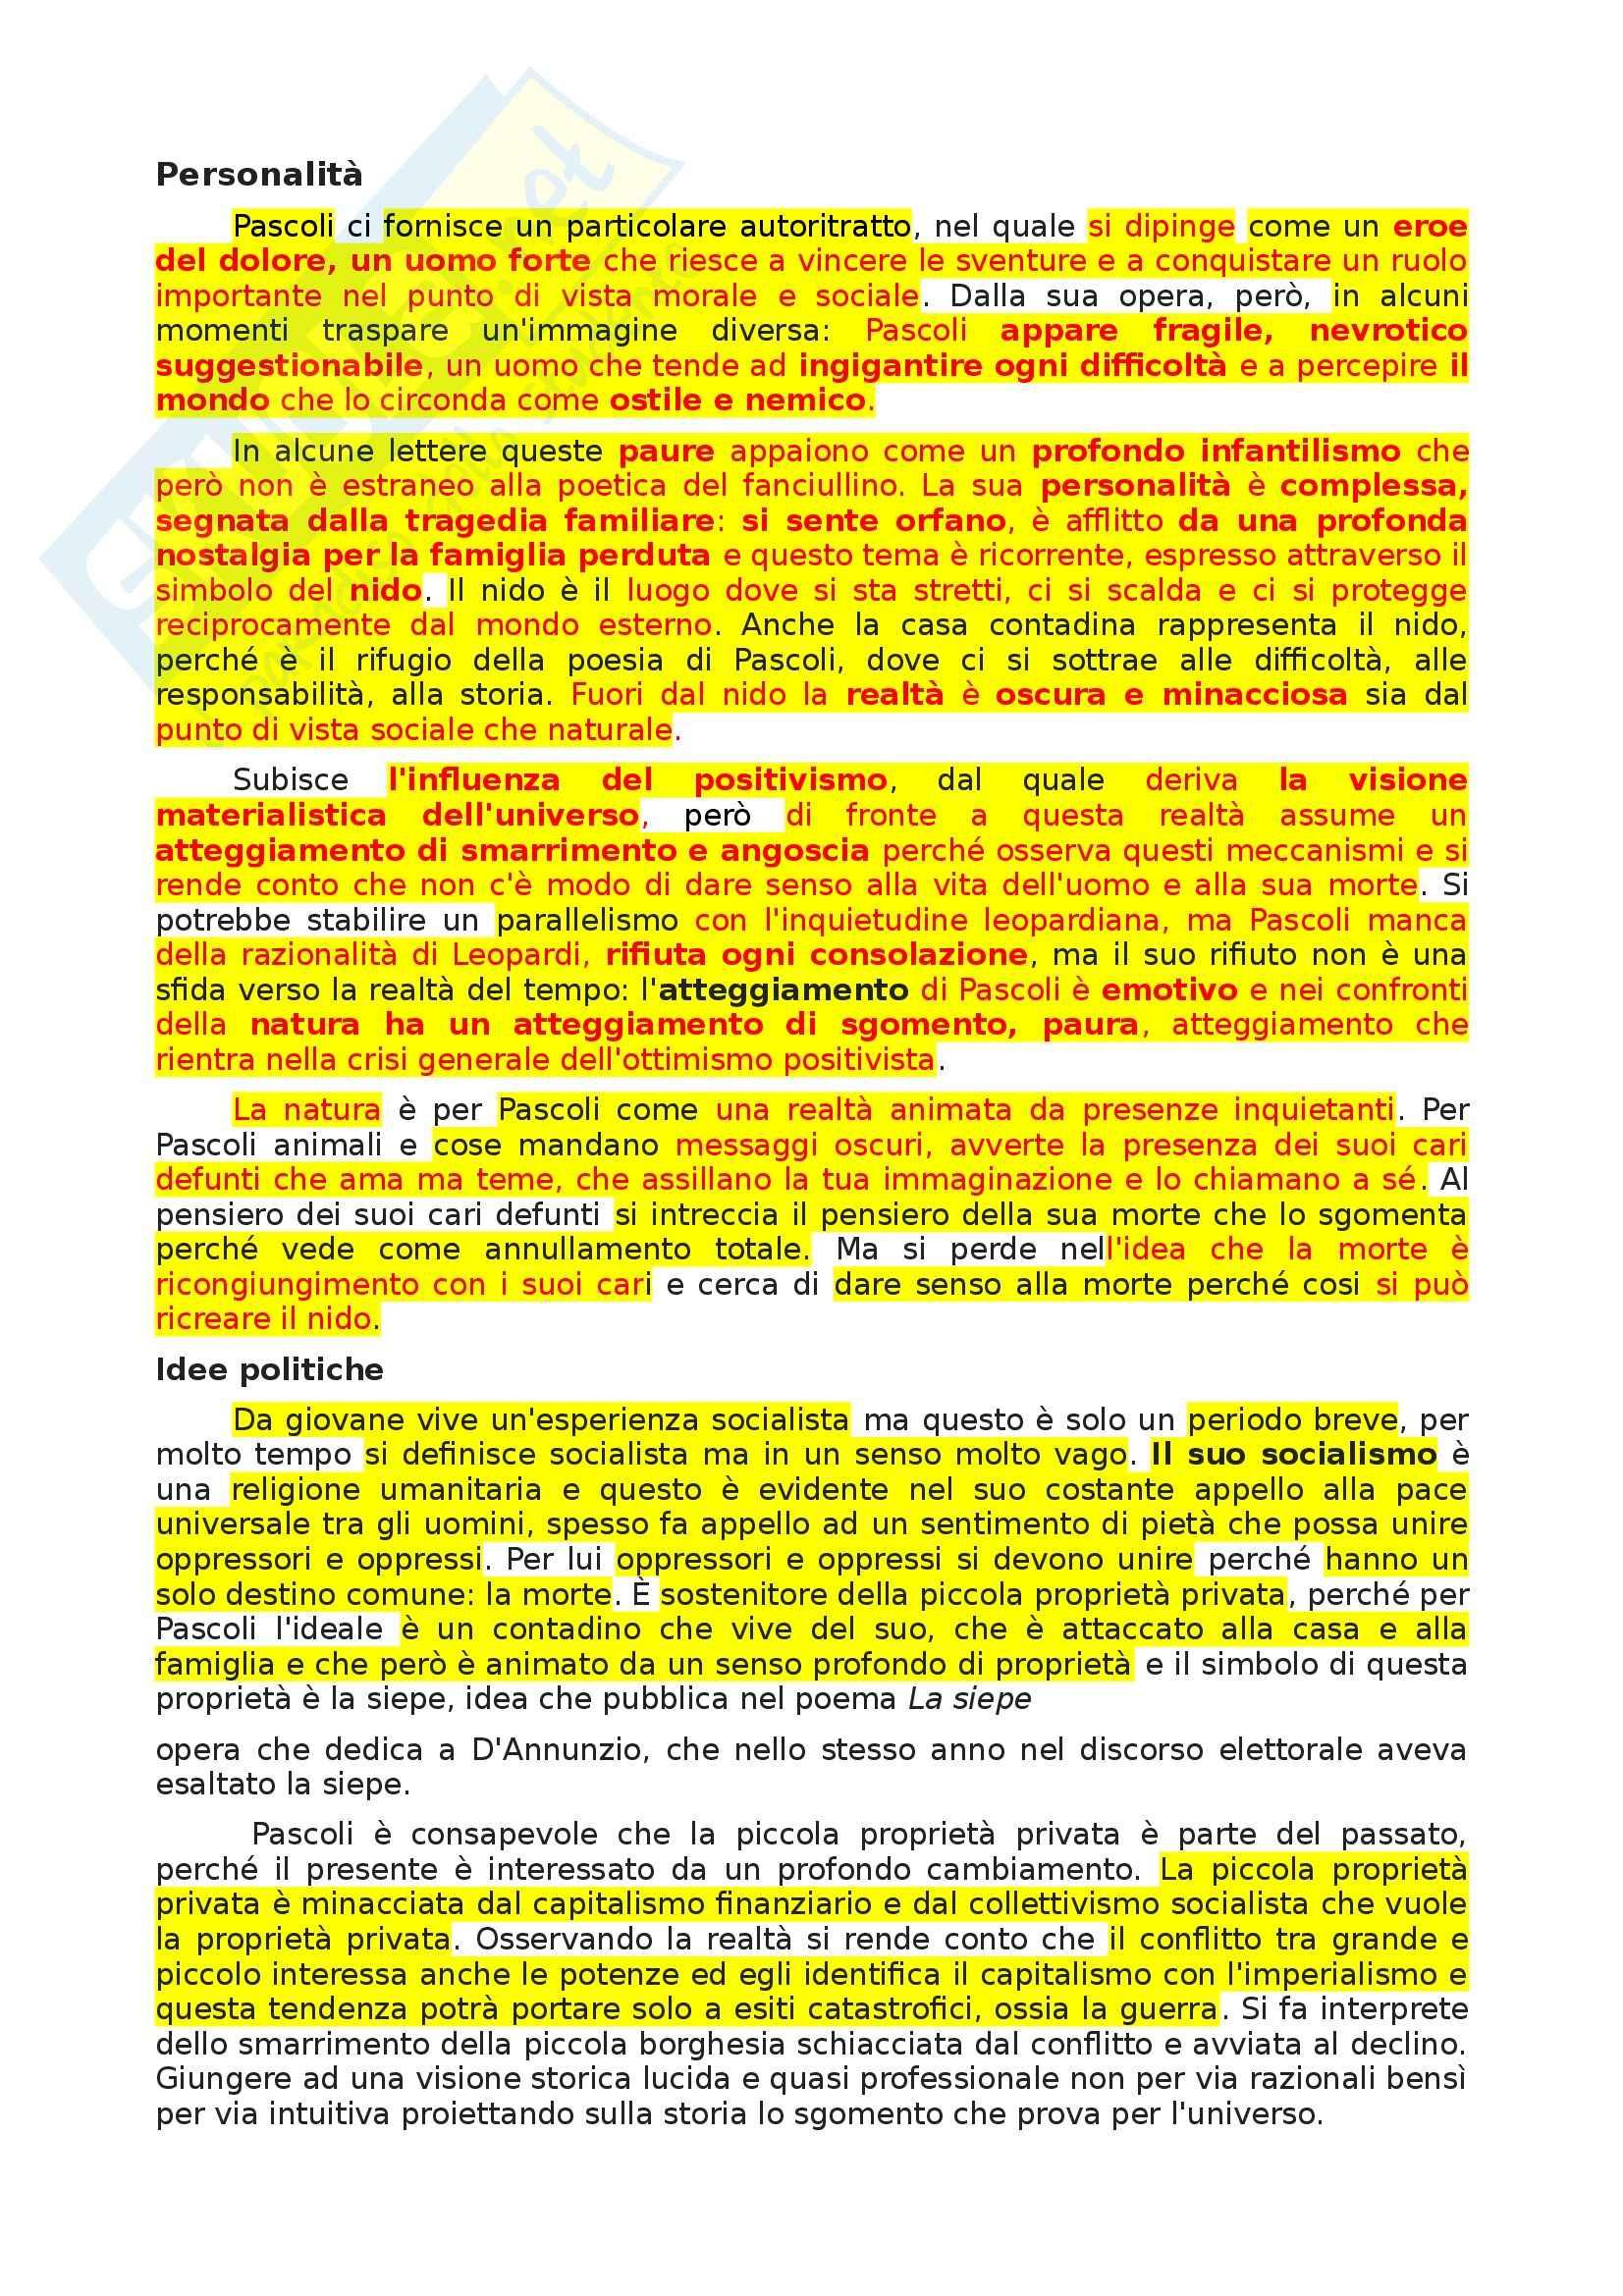 Pascoli Vita - Pensiero - Opere analizzate - Appunti Pag. 2